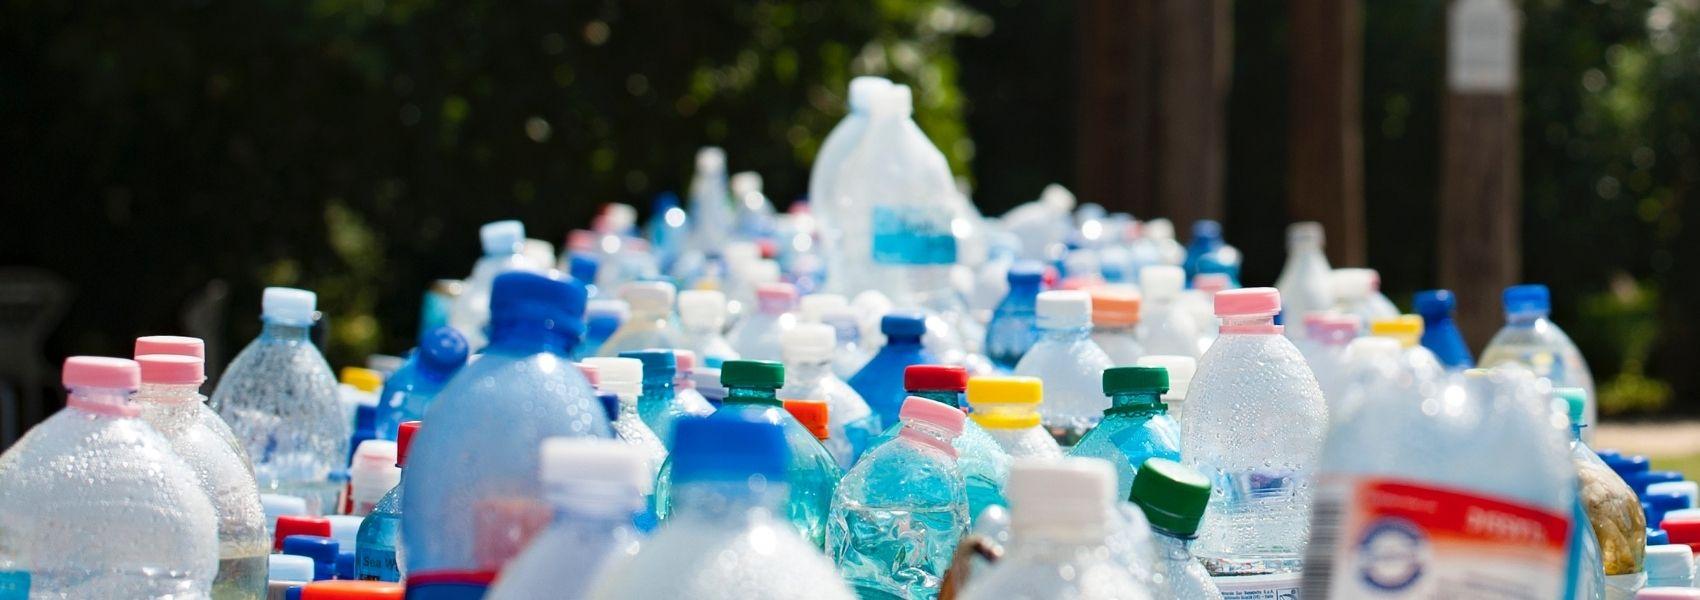 Falta de informação sobre os produtos químicos em plásticos põe em risco a saúde